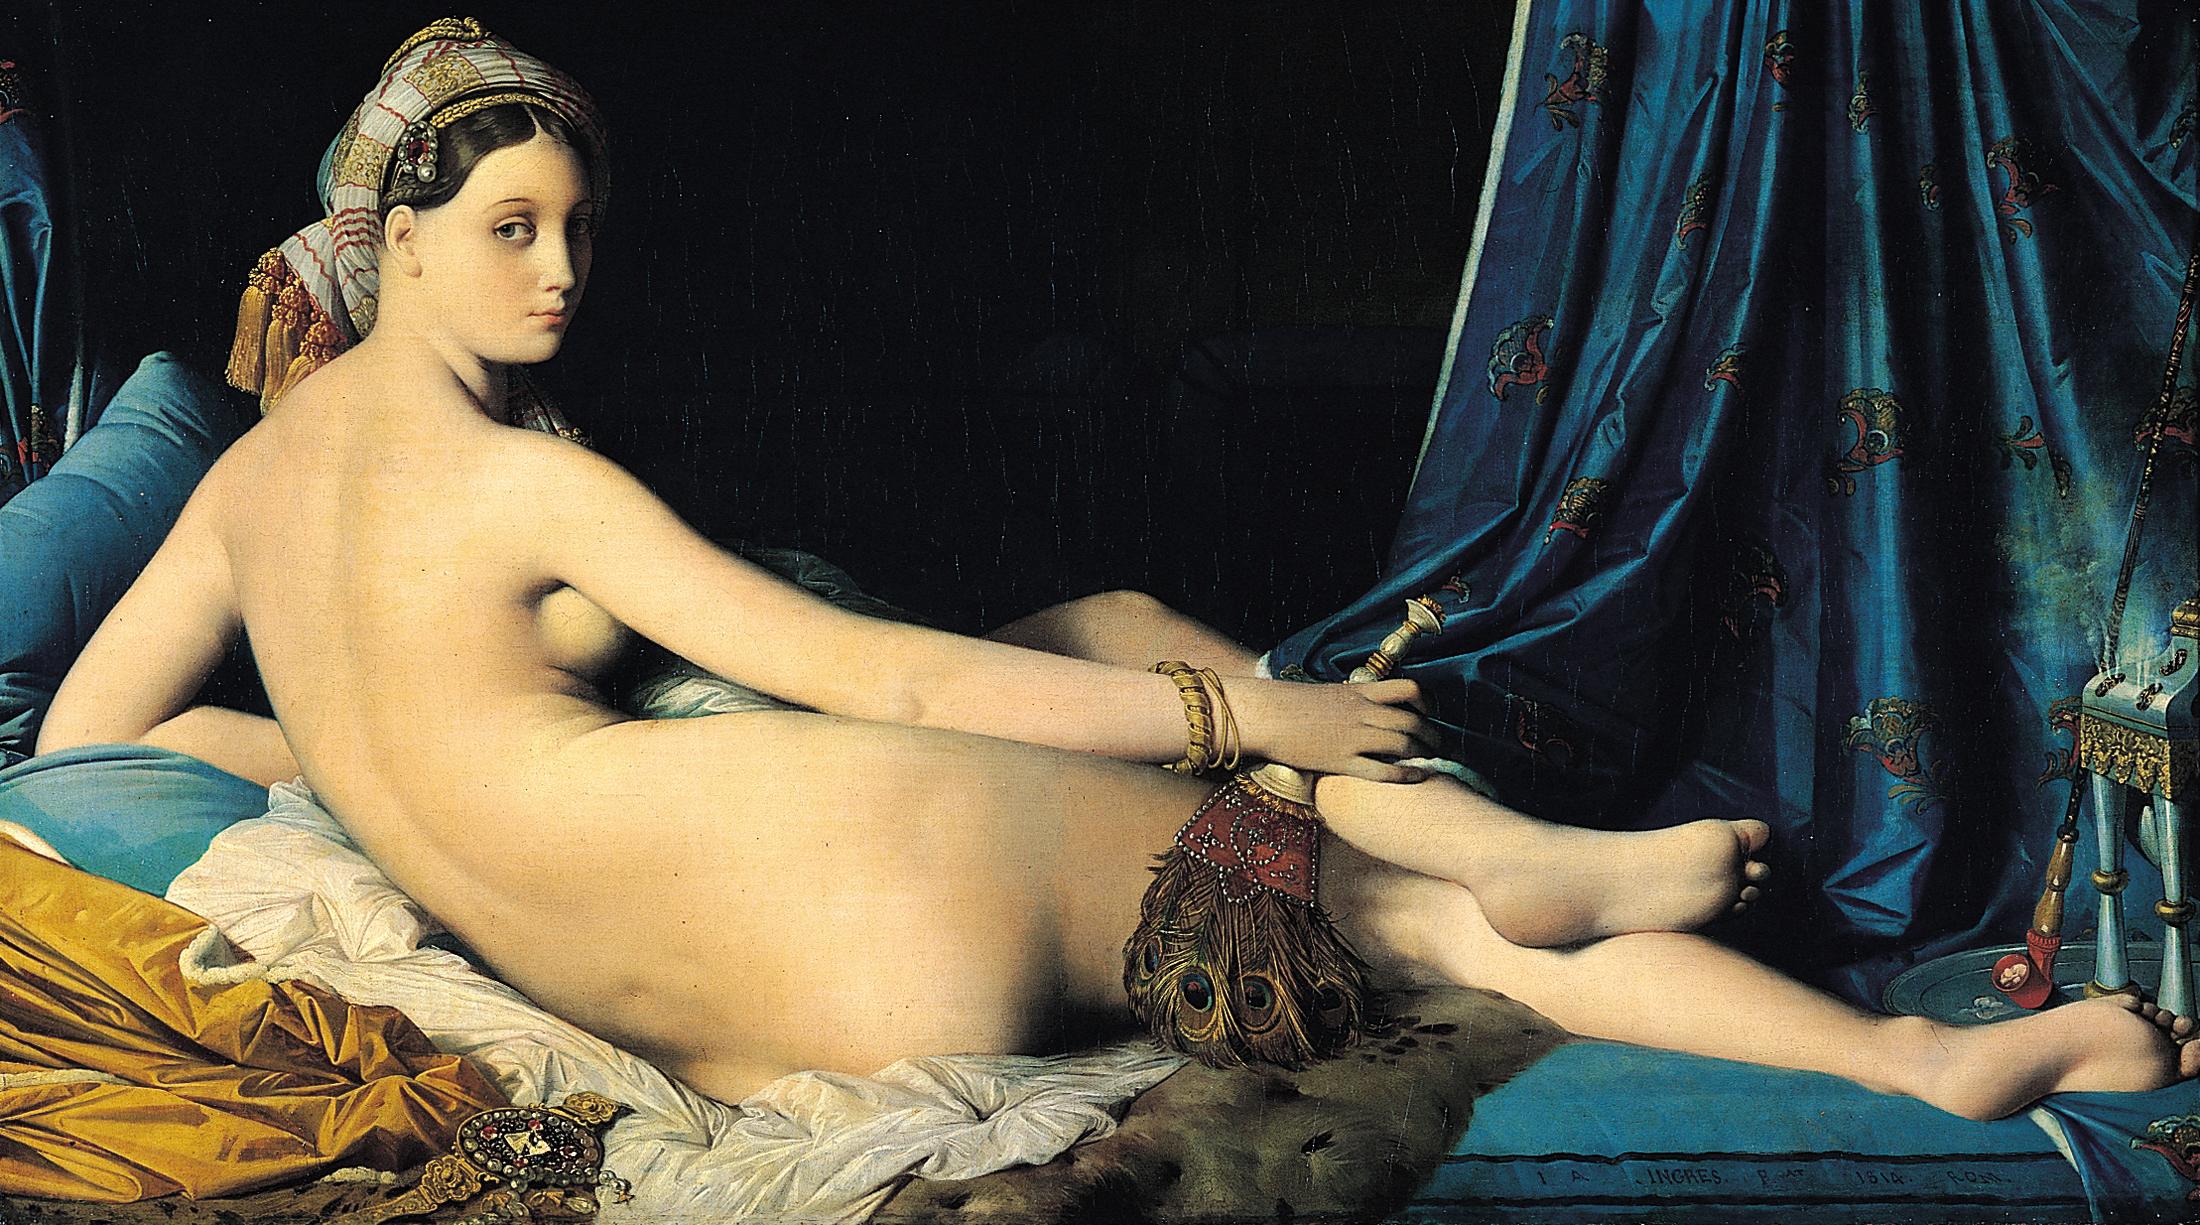 Парфумери створили вісім нових ароматів, надихнувшись картинами з колекції Лувру